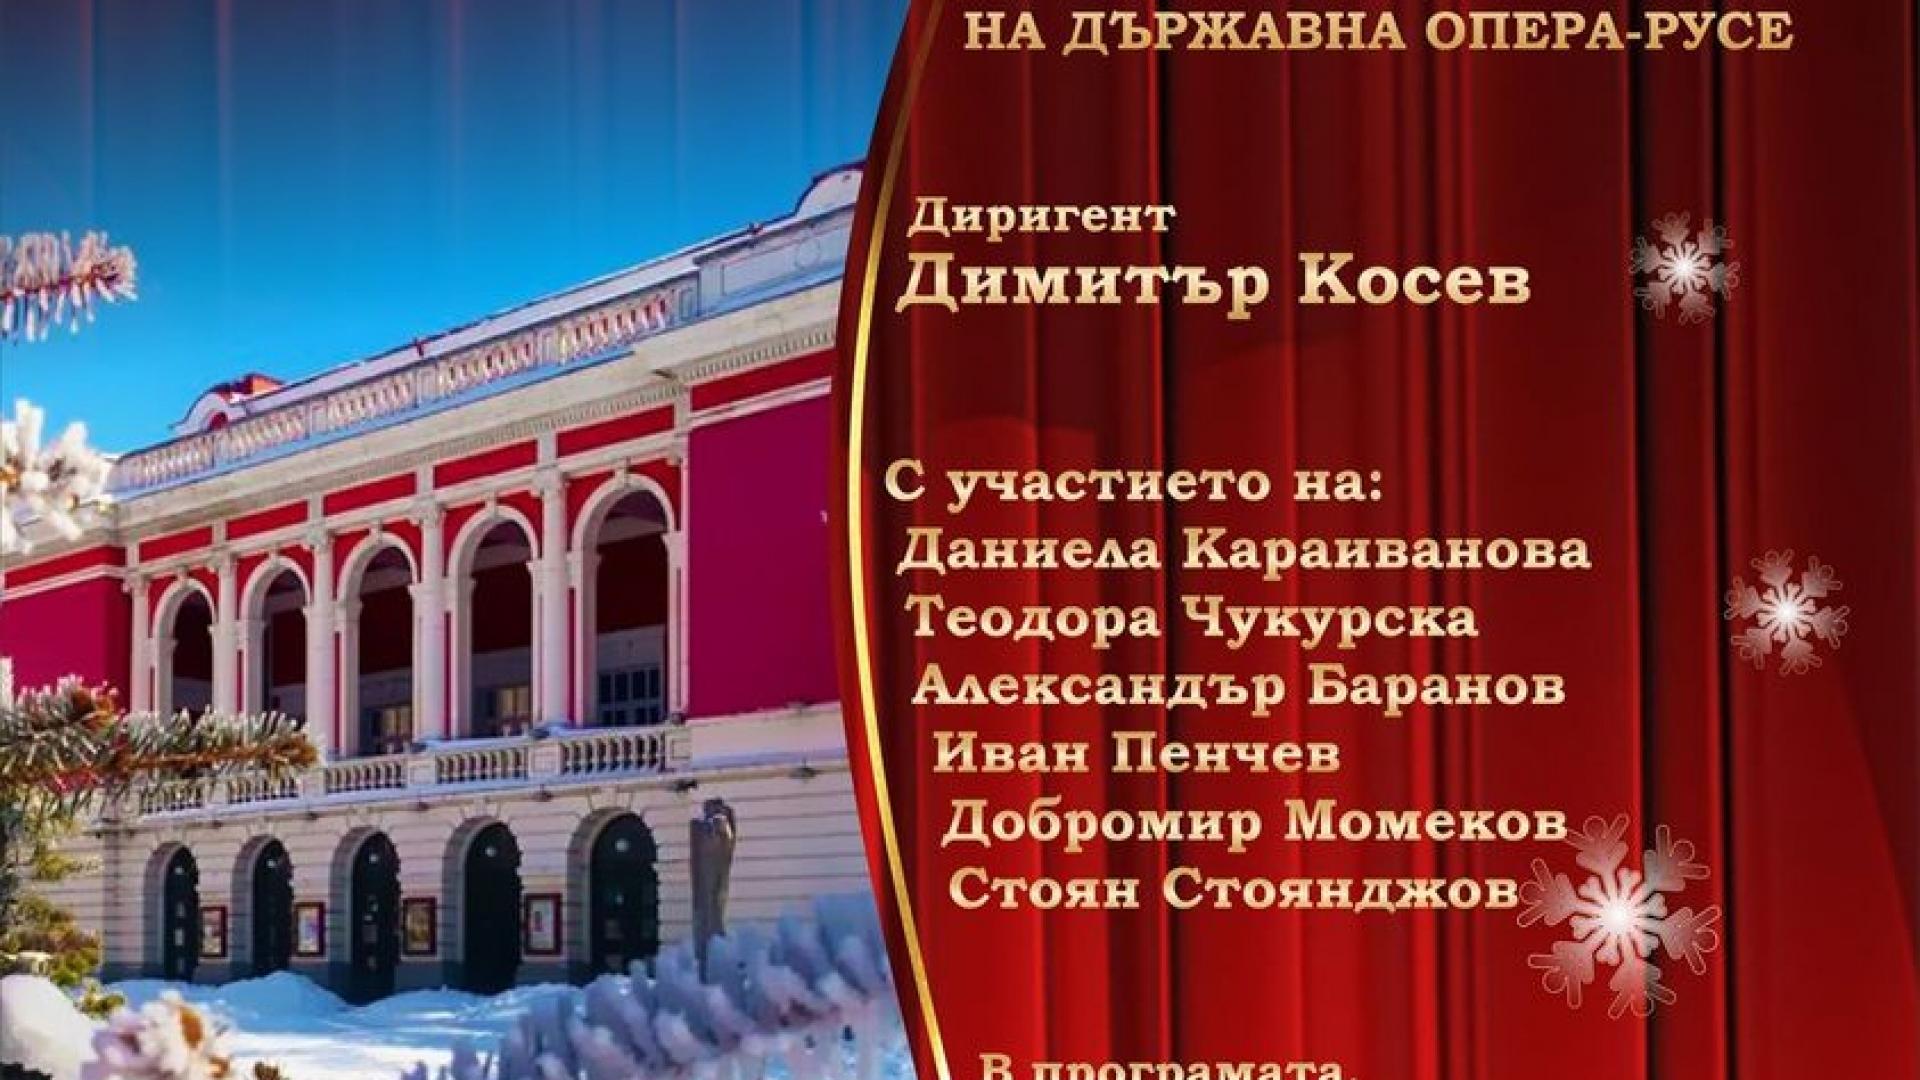 Държавна опера – Русе с безплатен празничен концерт към русенската публика